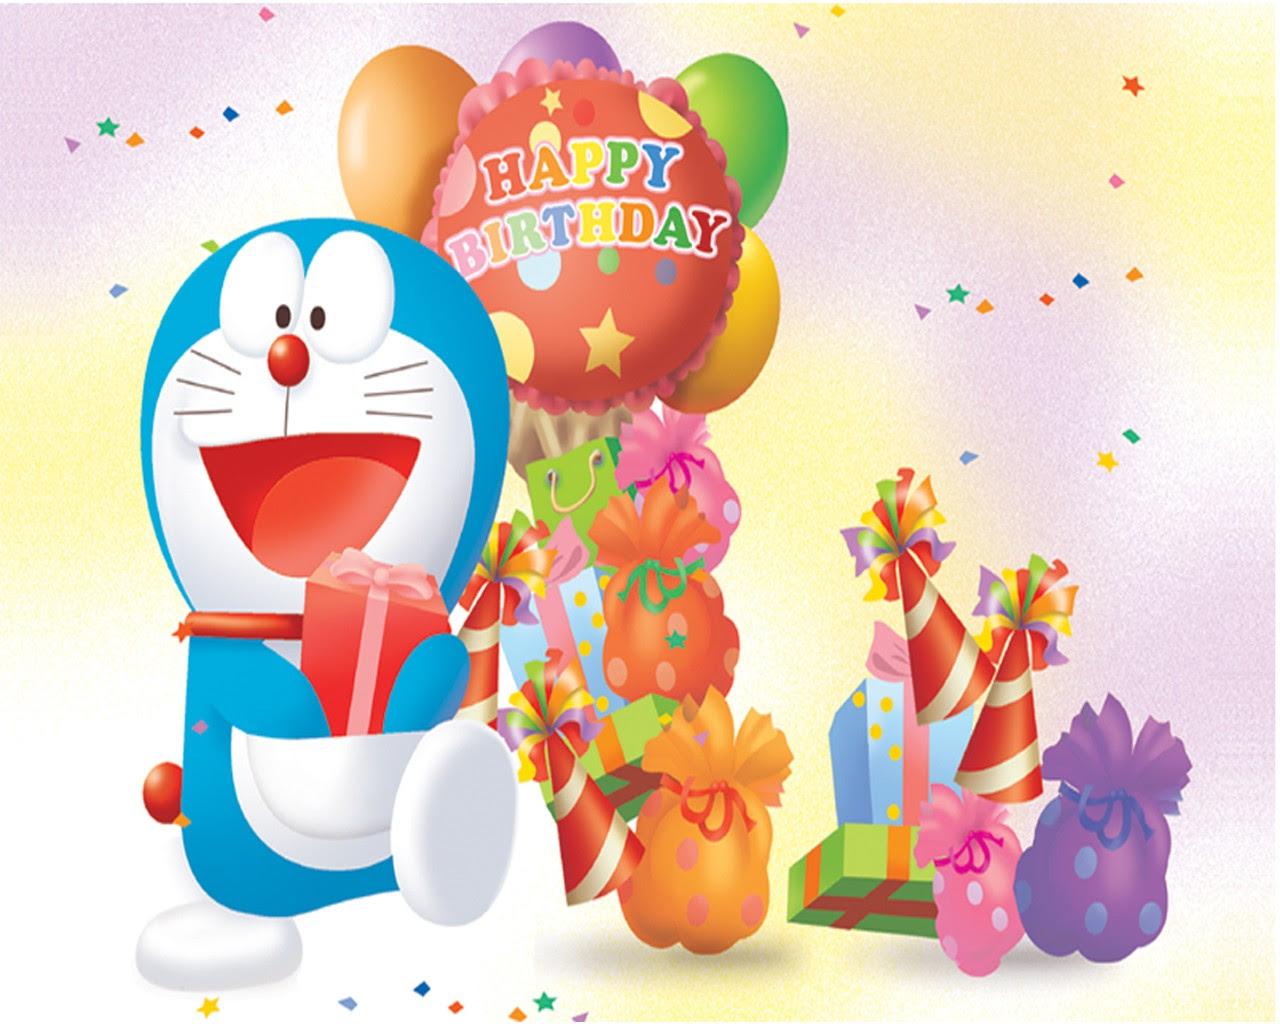 ラブリー Doraemon Birthday Background - ササゴタメ